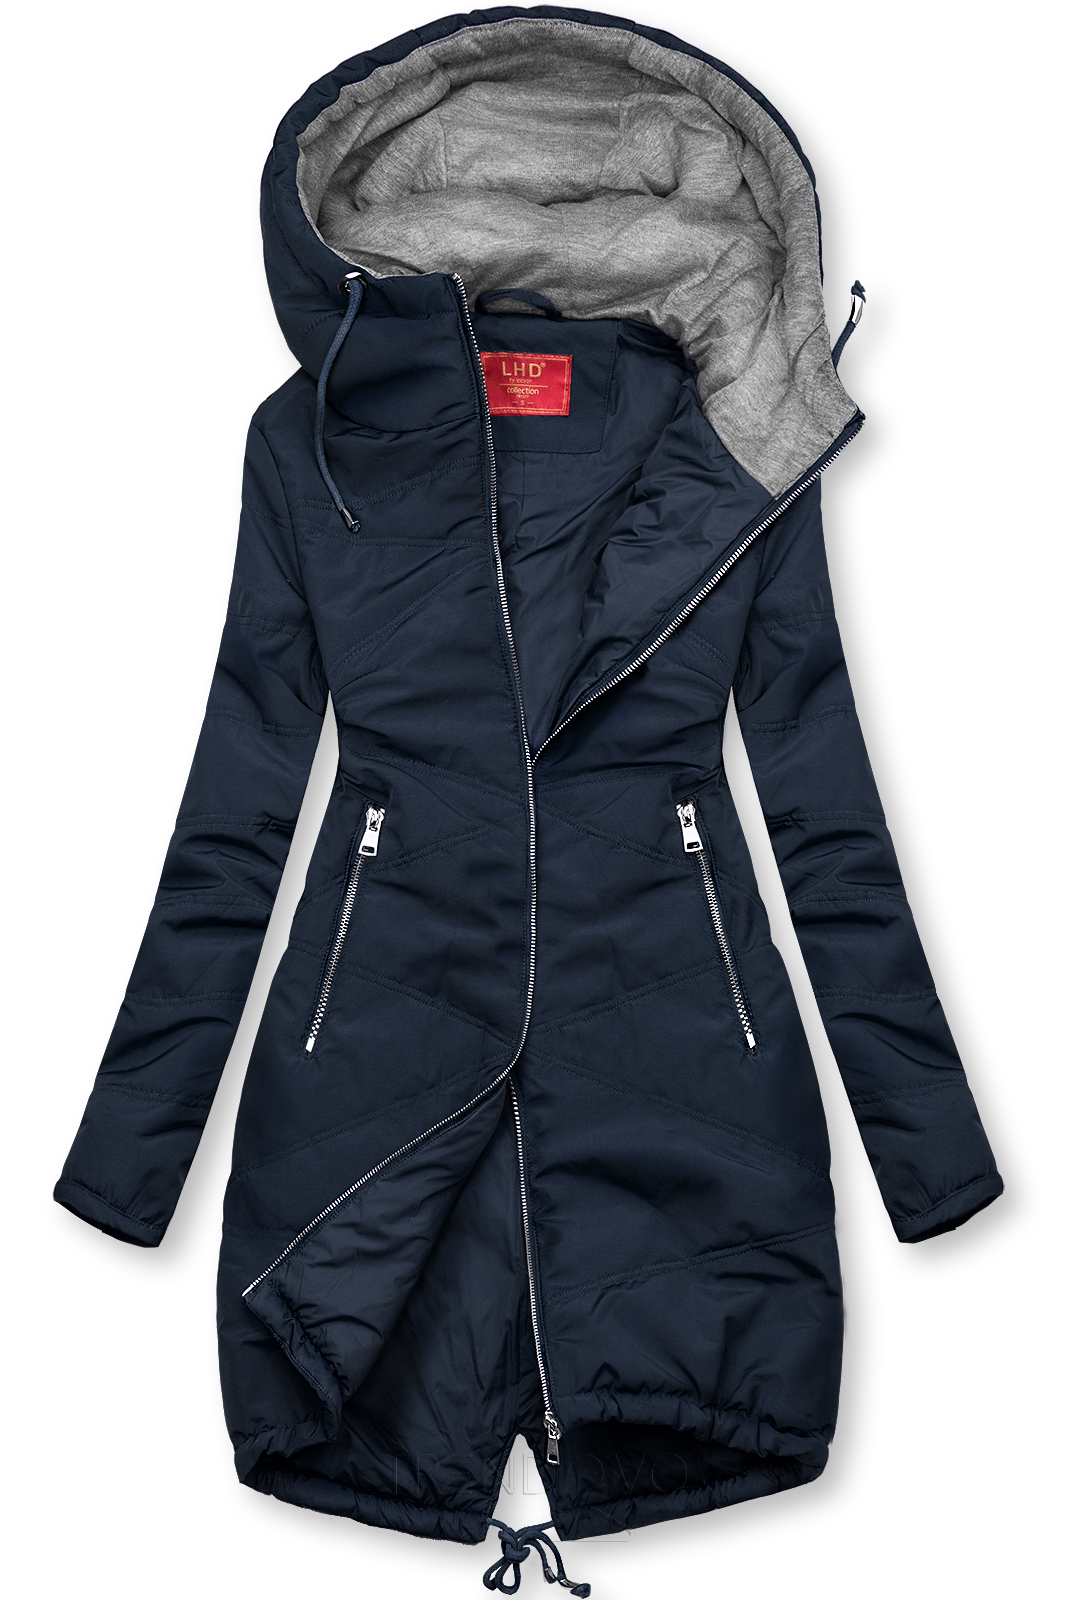 Tmavě modrá prodloužená bunda s kapucí